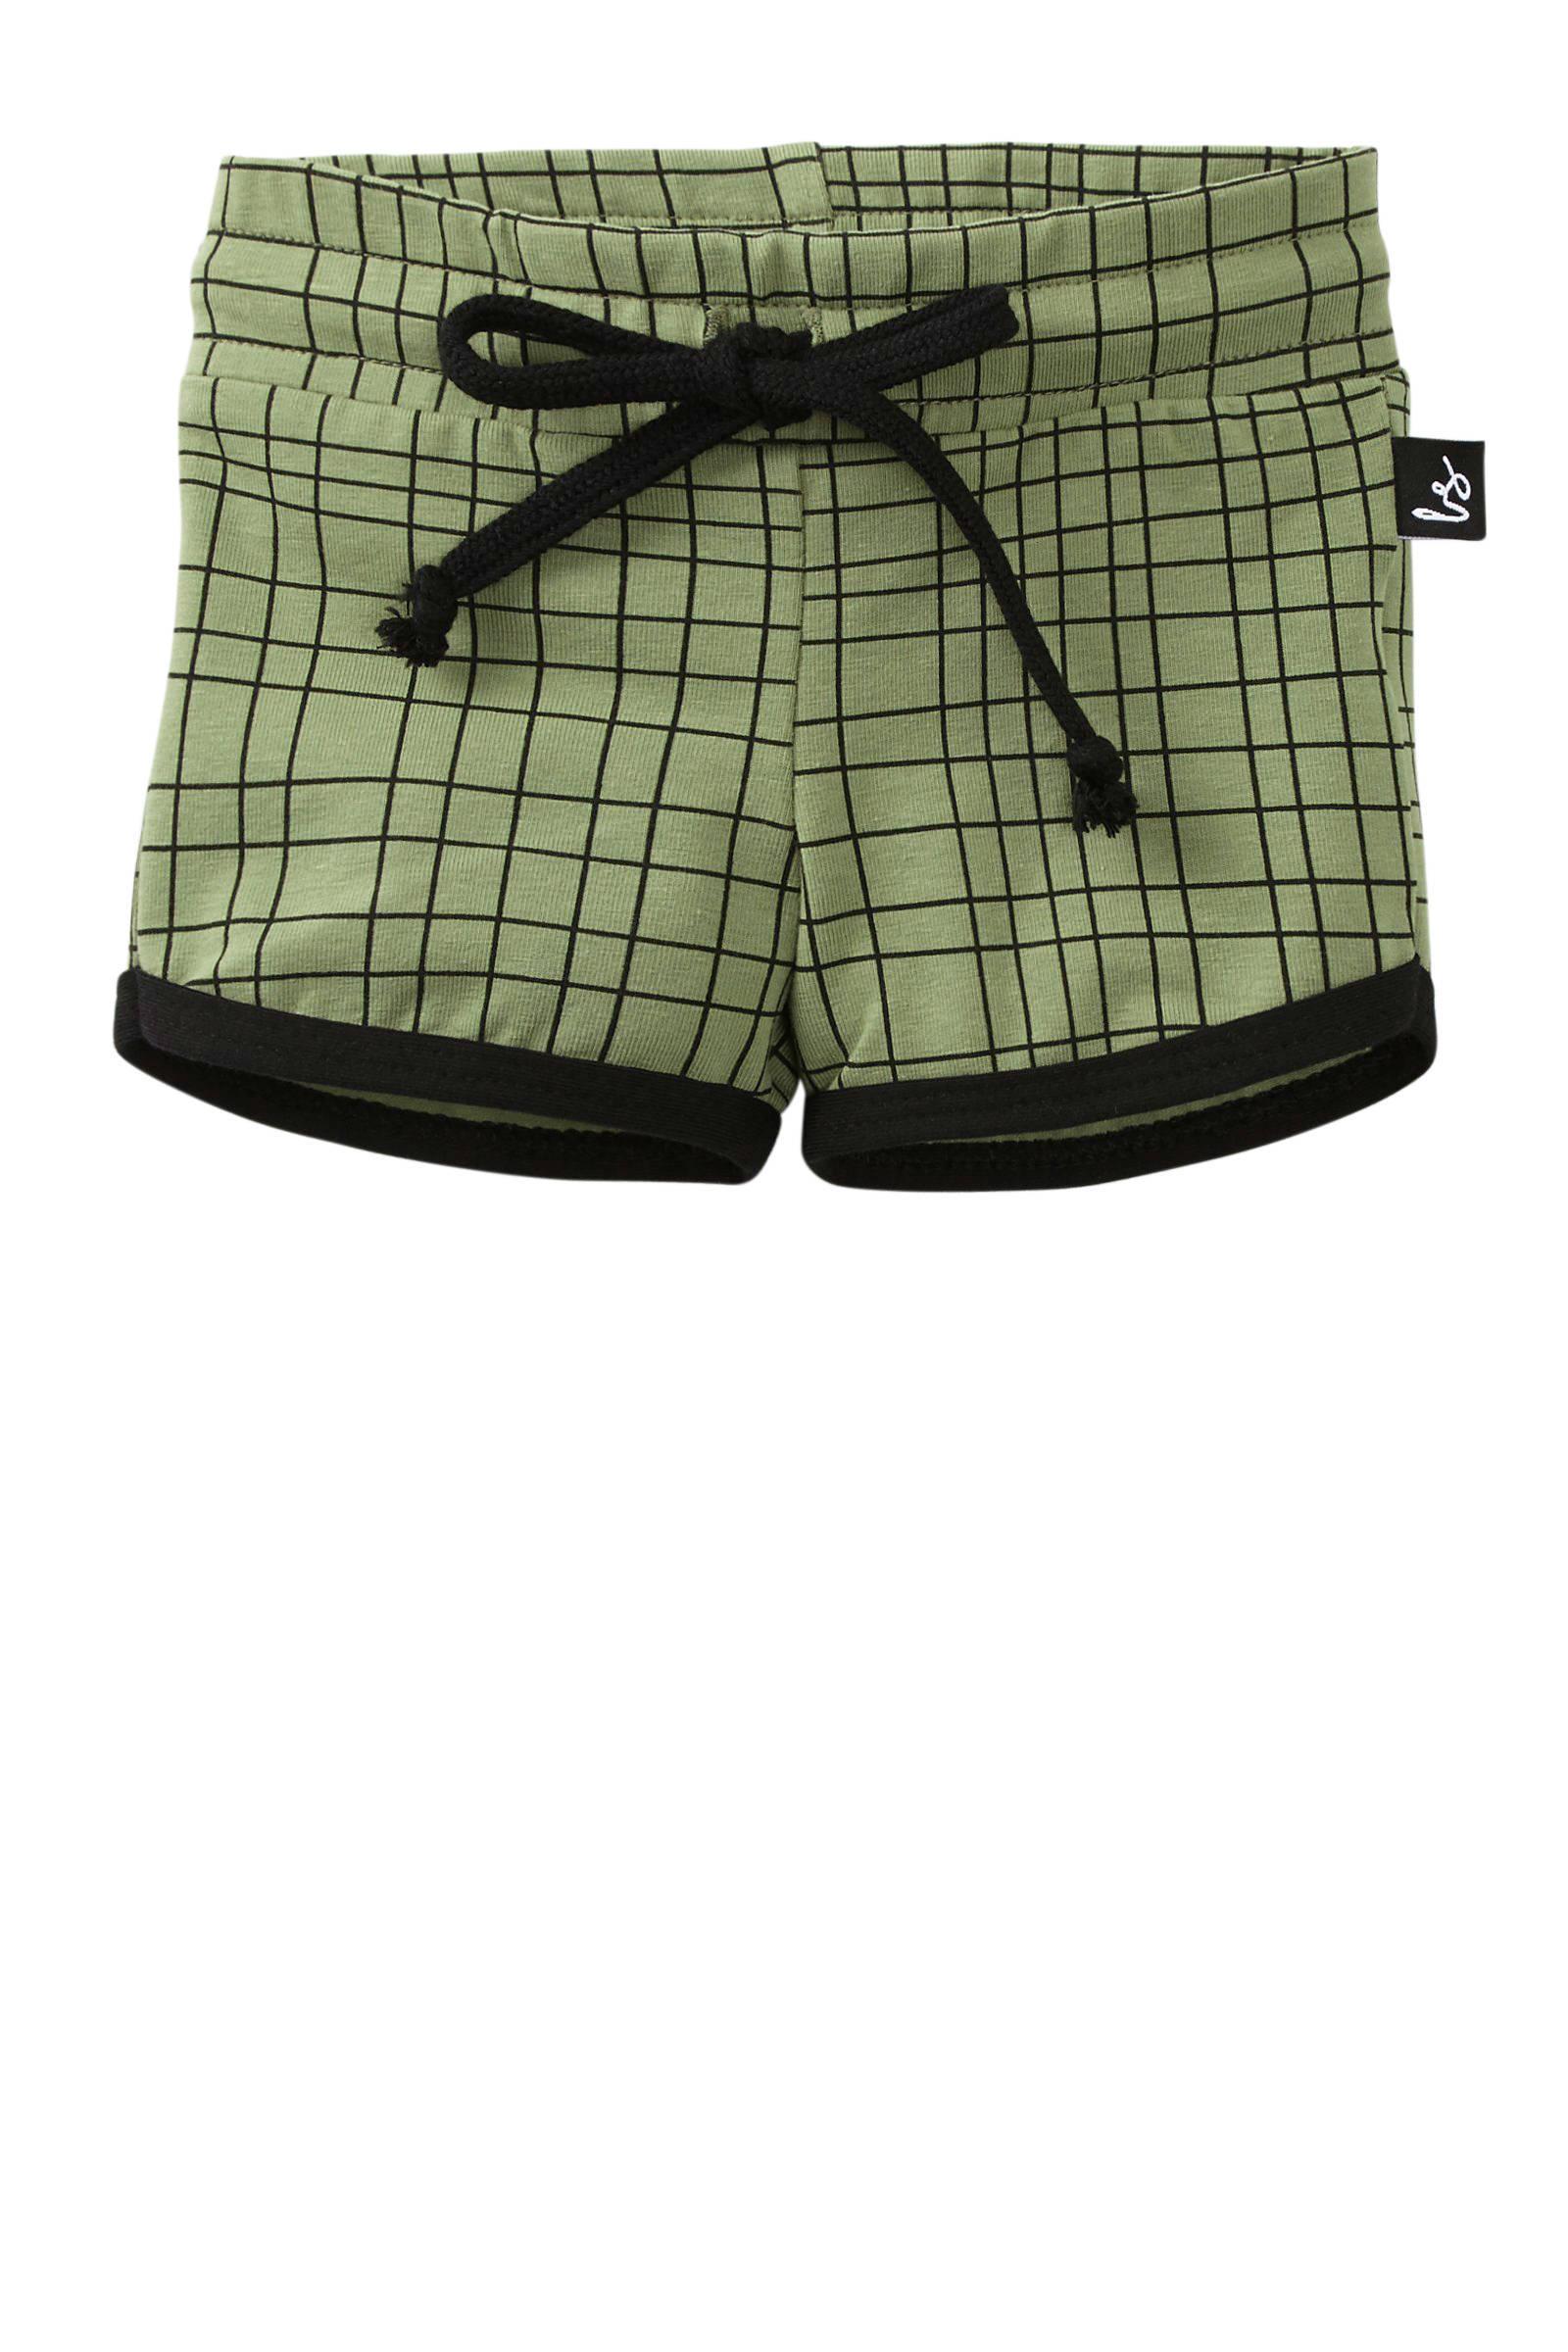 short Criss met zijstreep groen zwart